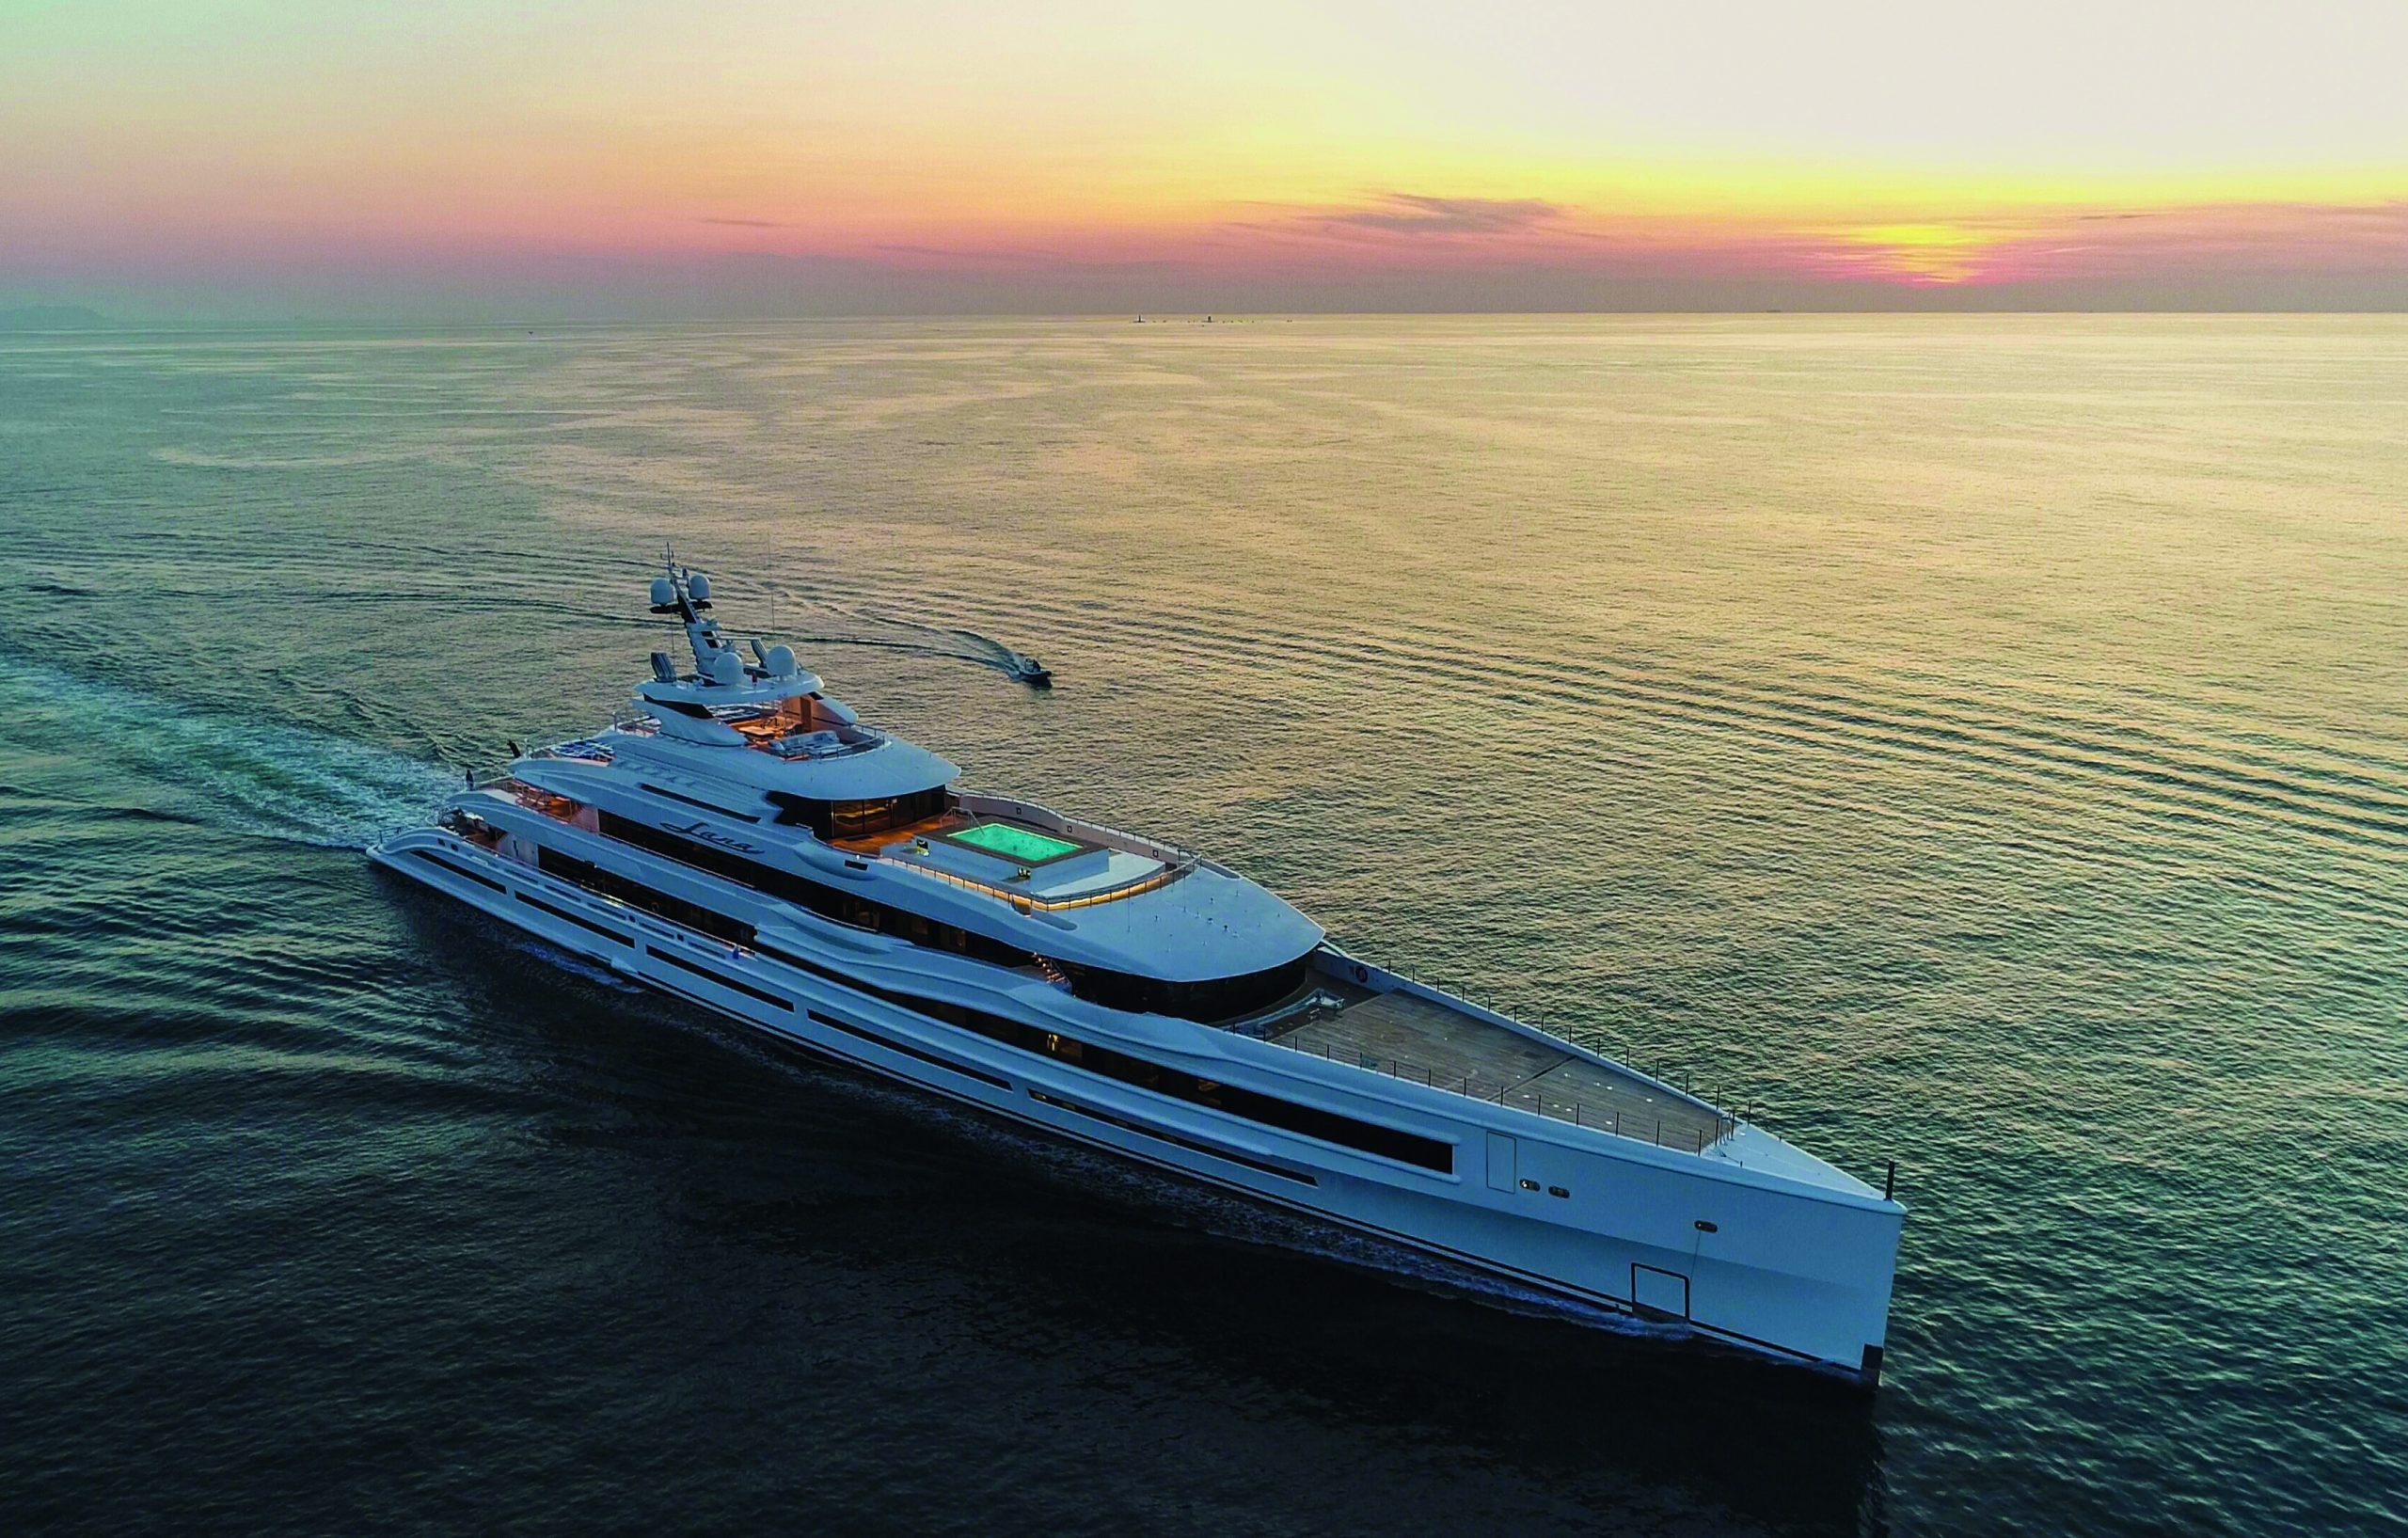 快讯:意大利游艇巨头阿兹慕 贝尼蒂集团年度生产总值高达8.5亿欧元